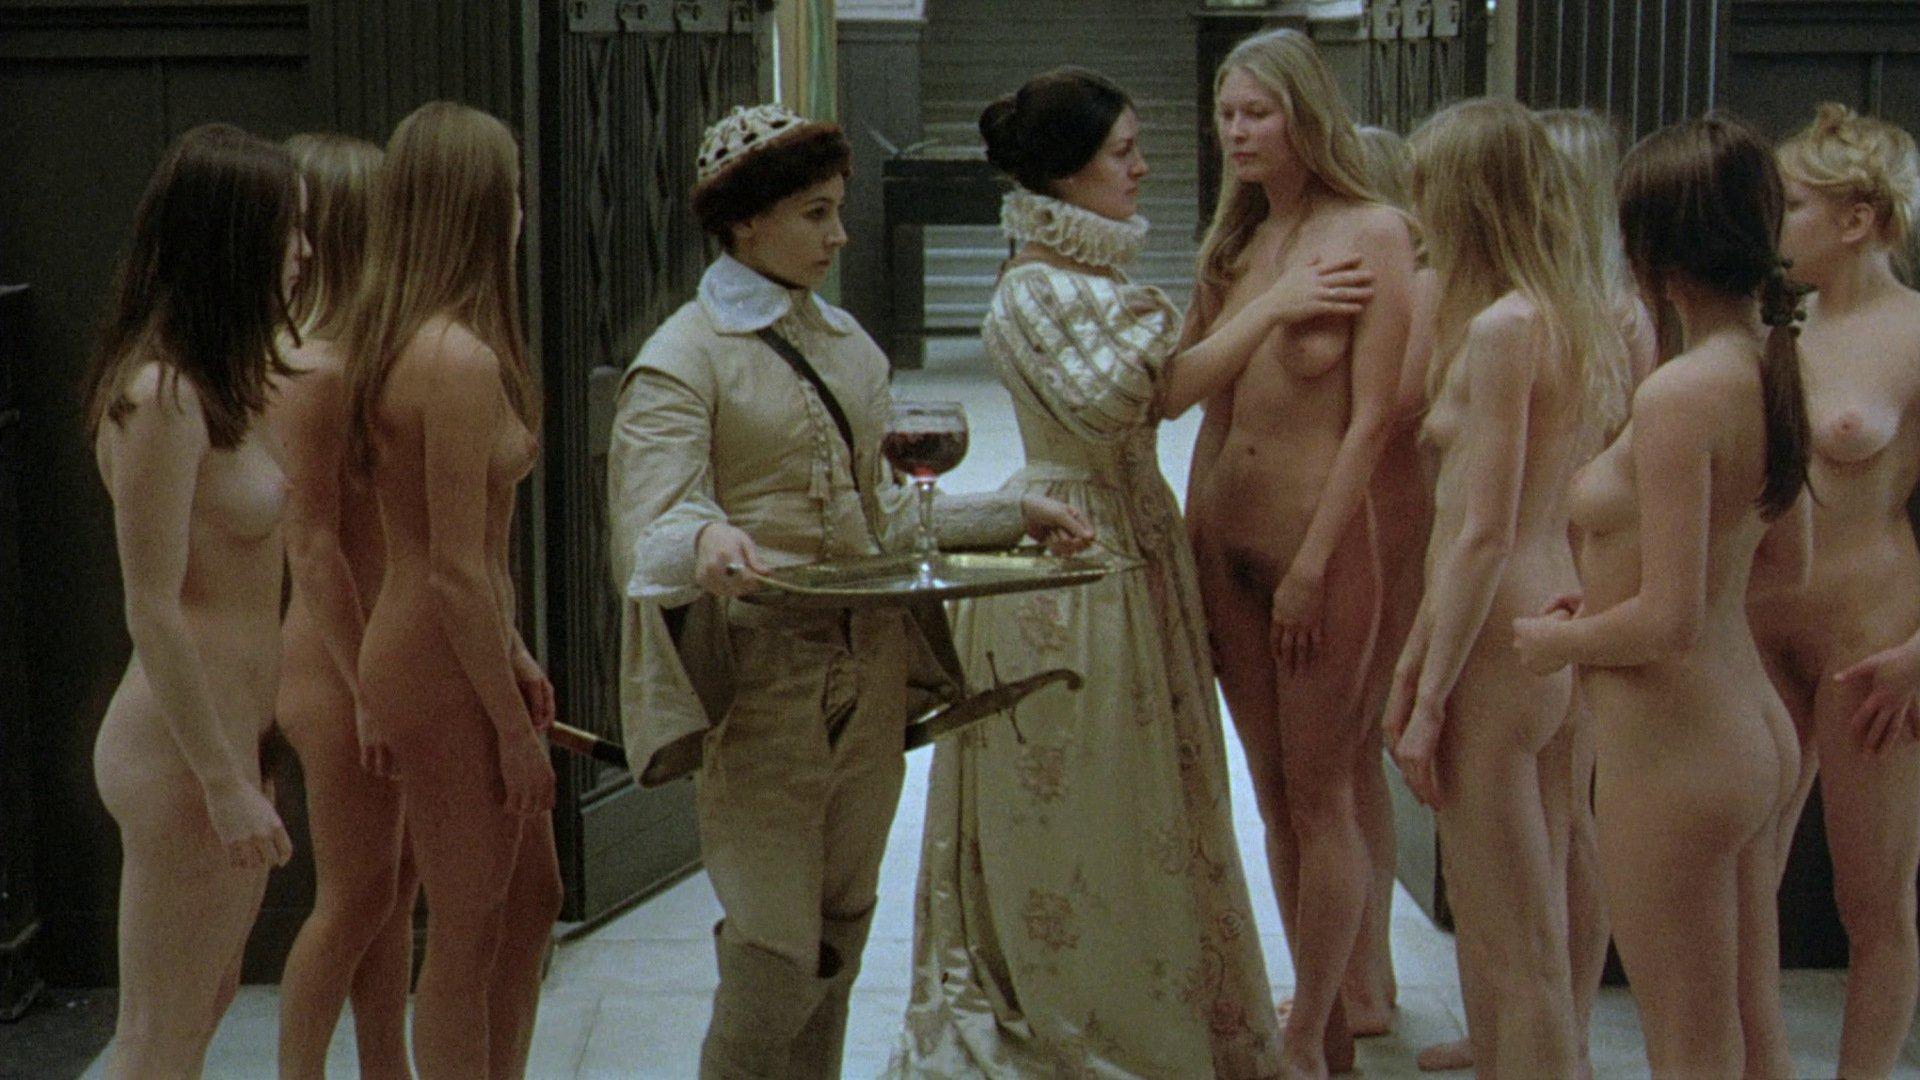 фильм про голых женщин